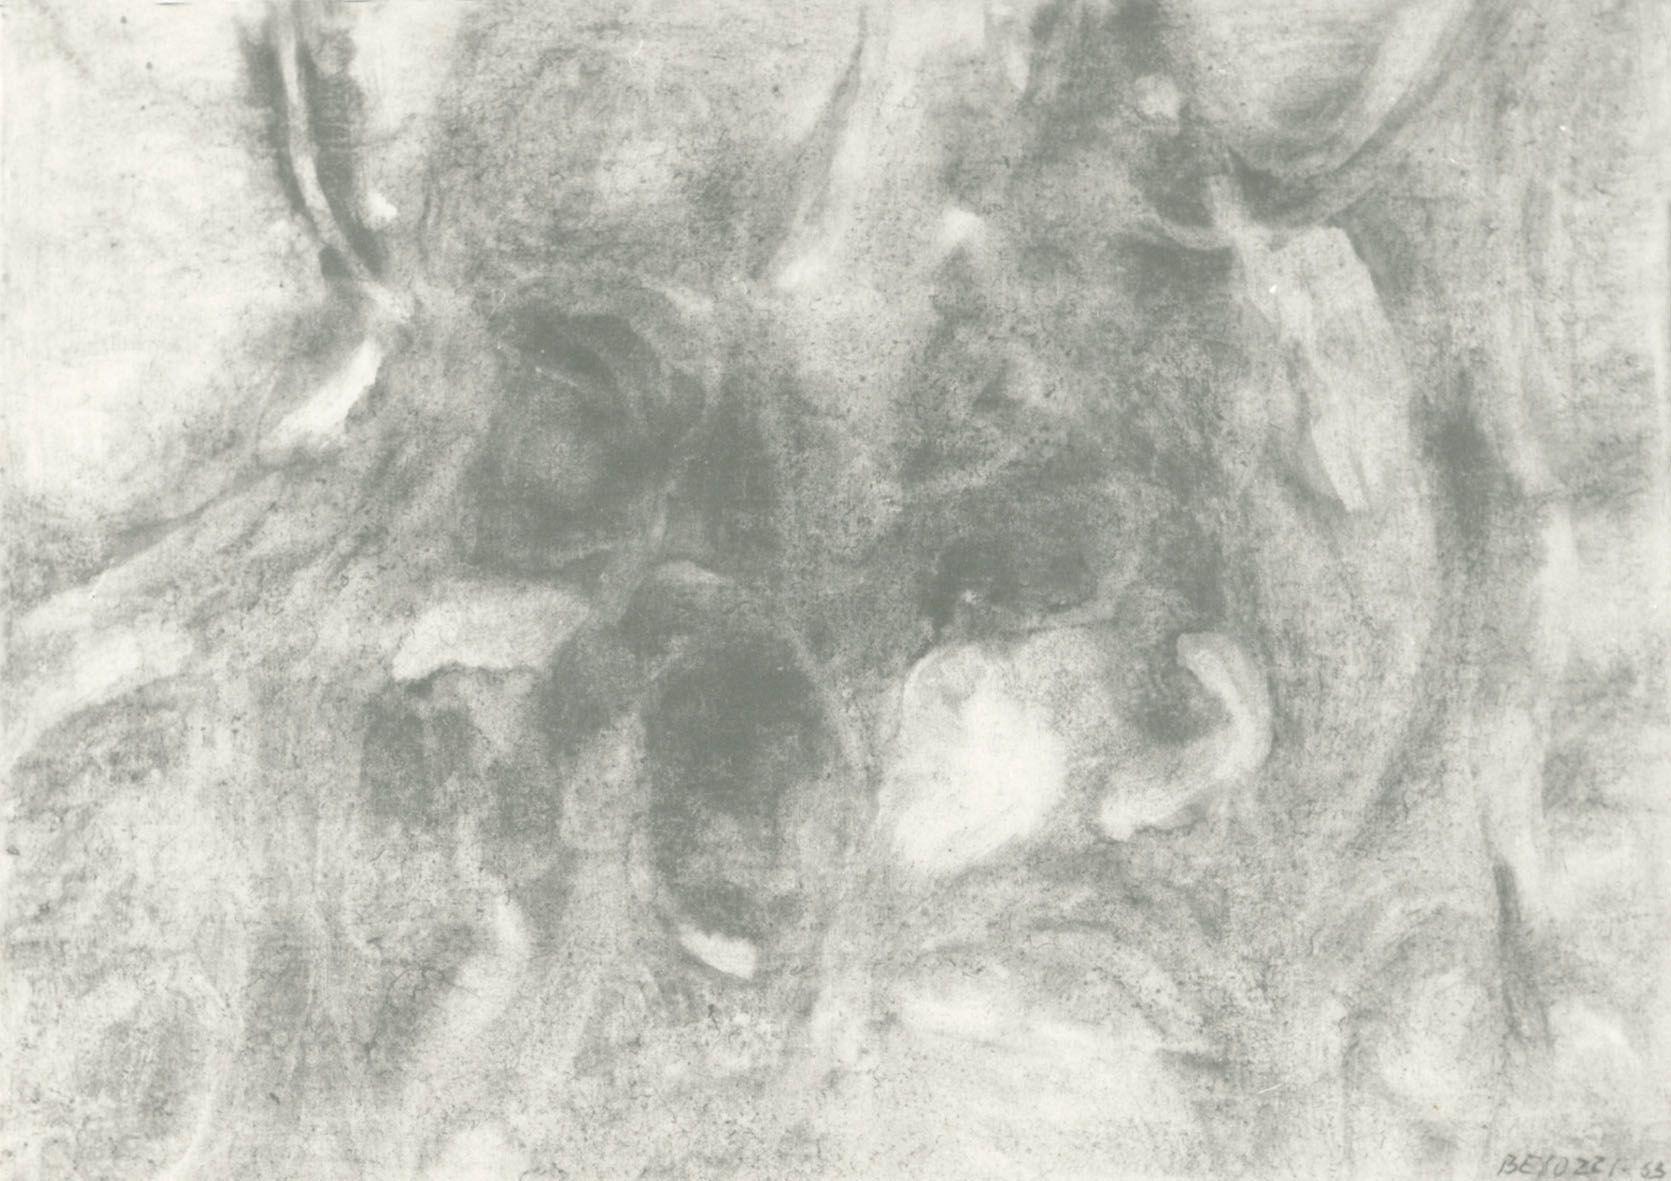 Ermanno Besozzi pittore 1963 Presenza olio su tela arc 878